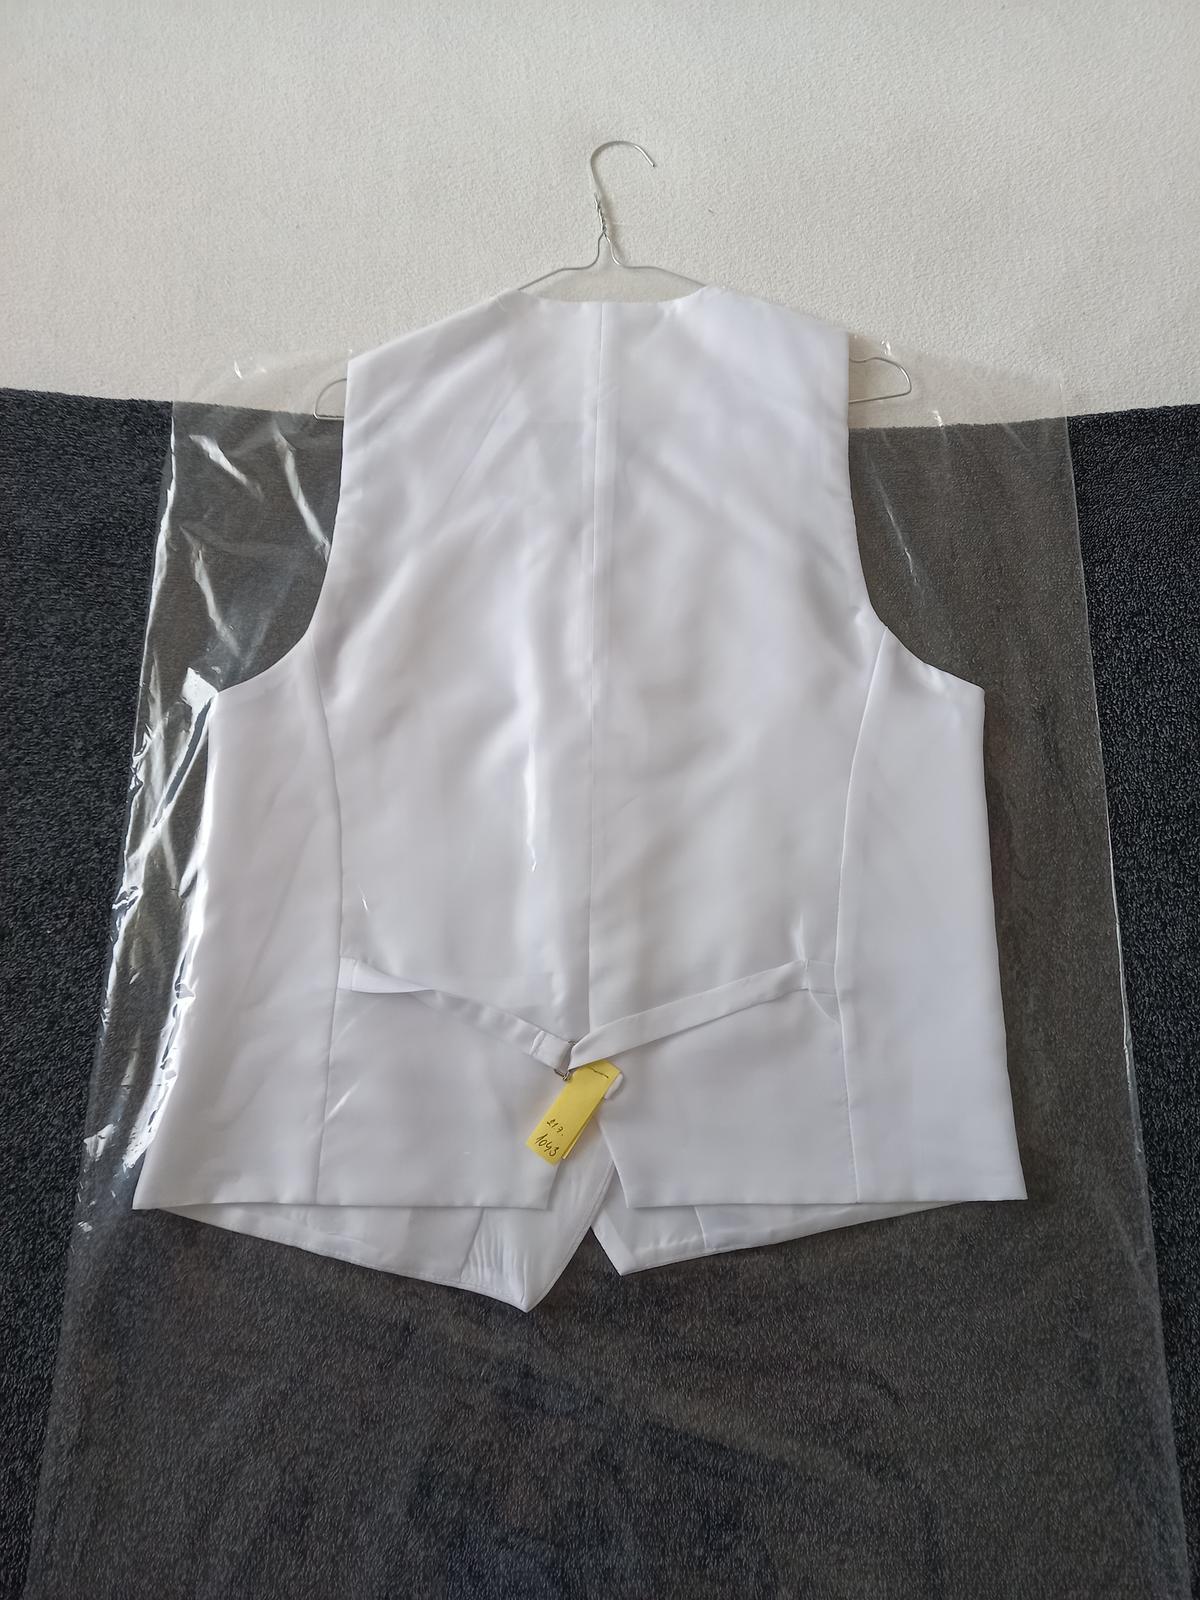 svadobná košeľa, vestička,kravata, vreckova pre ženícha - Obrázok č. 2